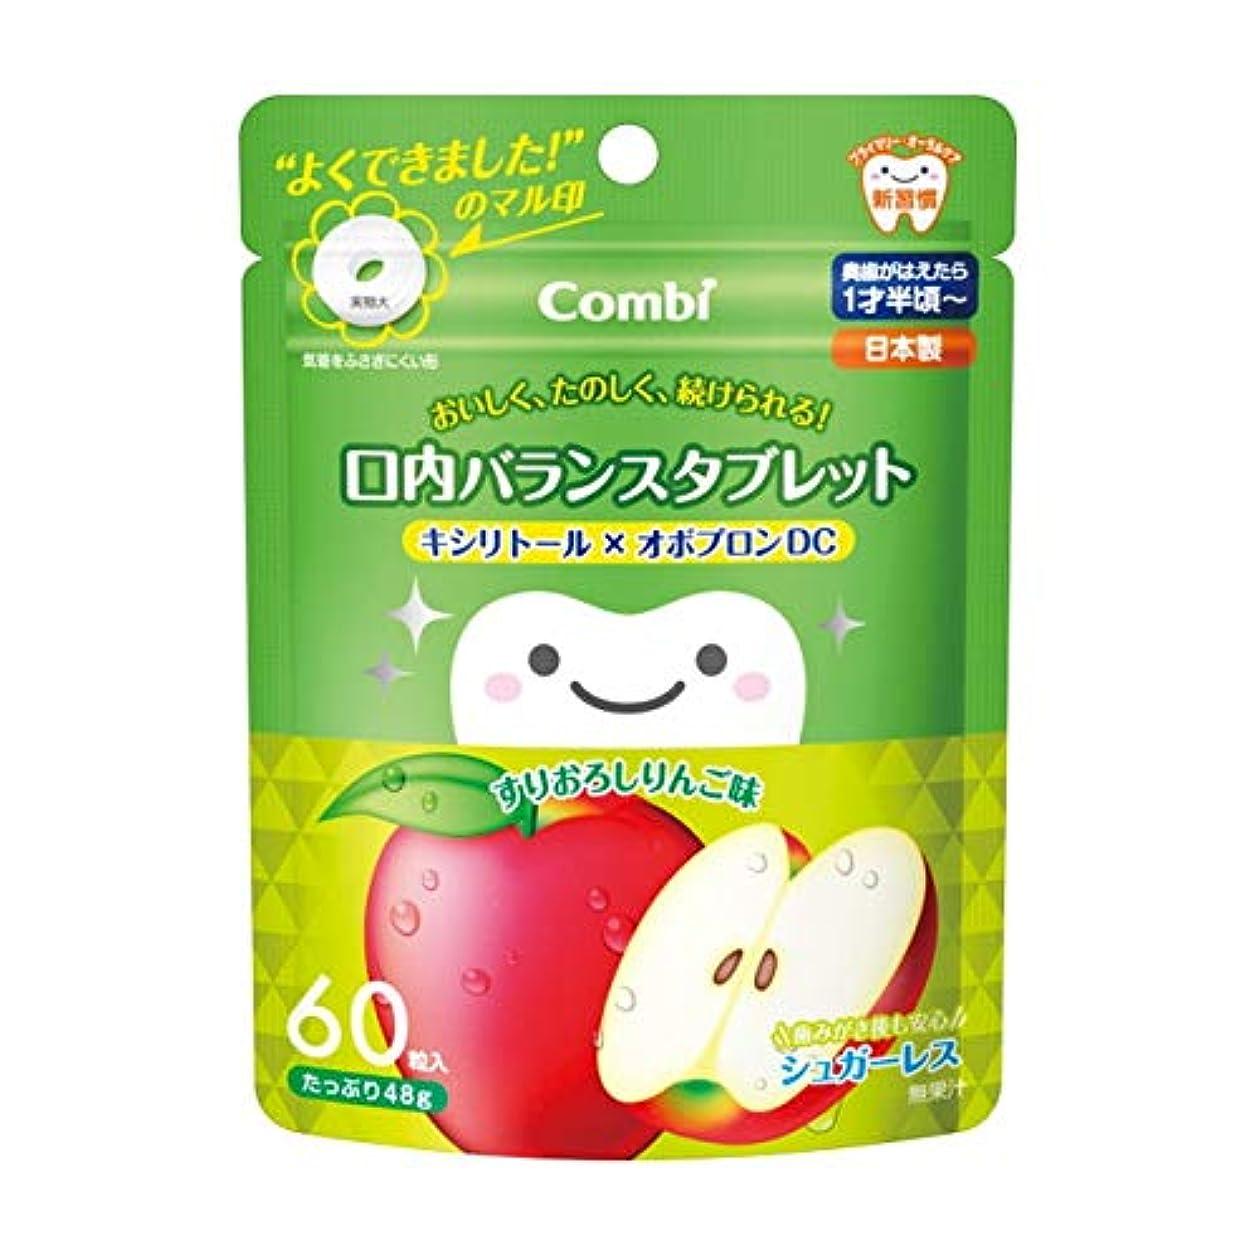 減少また明日ねポジティブテテオ 口内バランスタブレット(りんご) 60粒